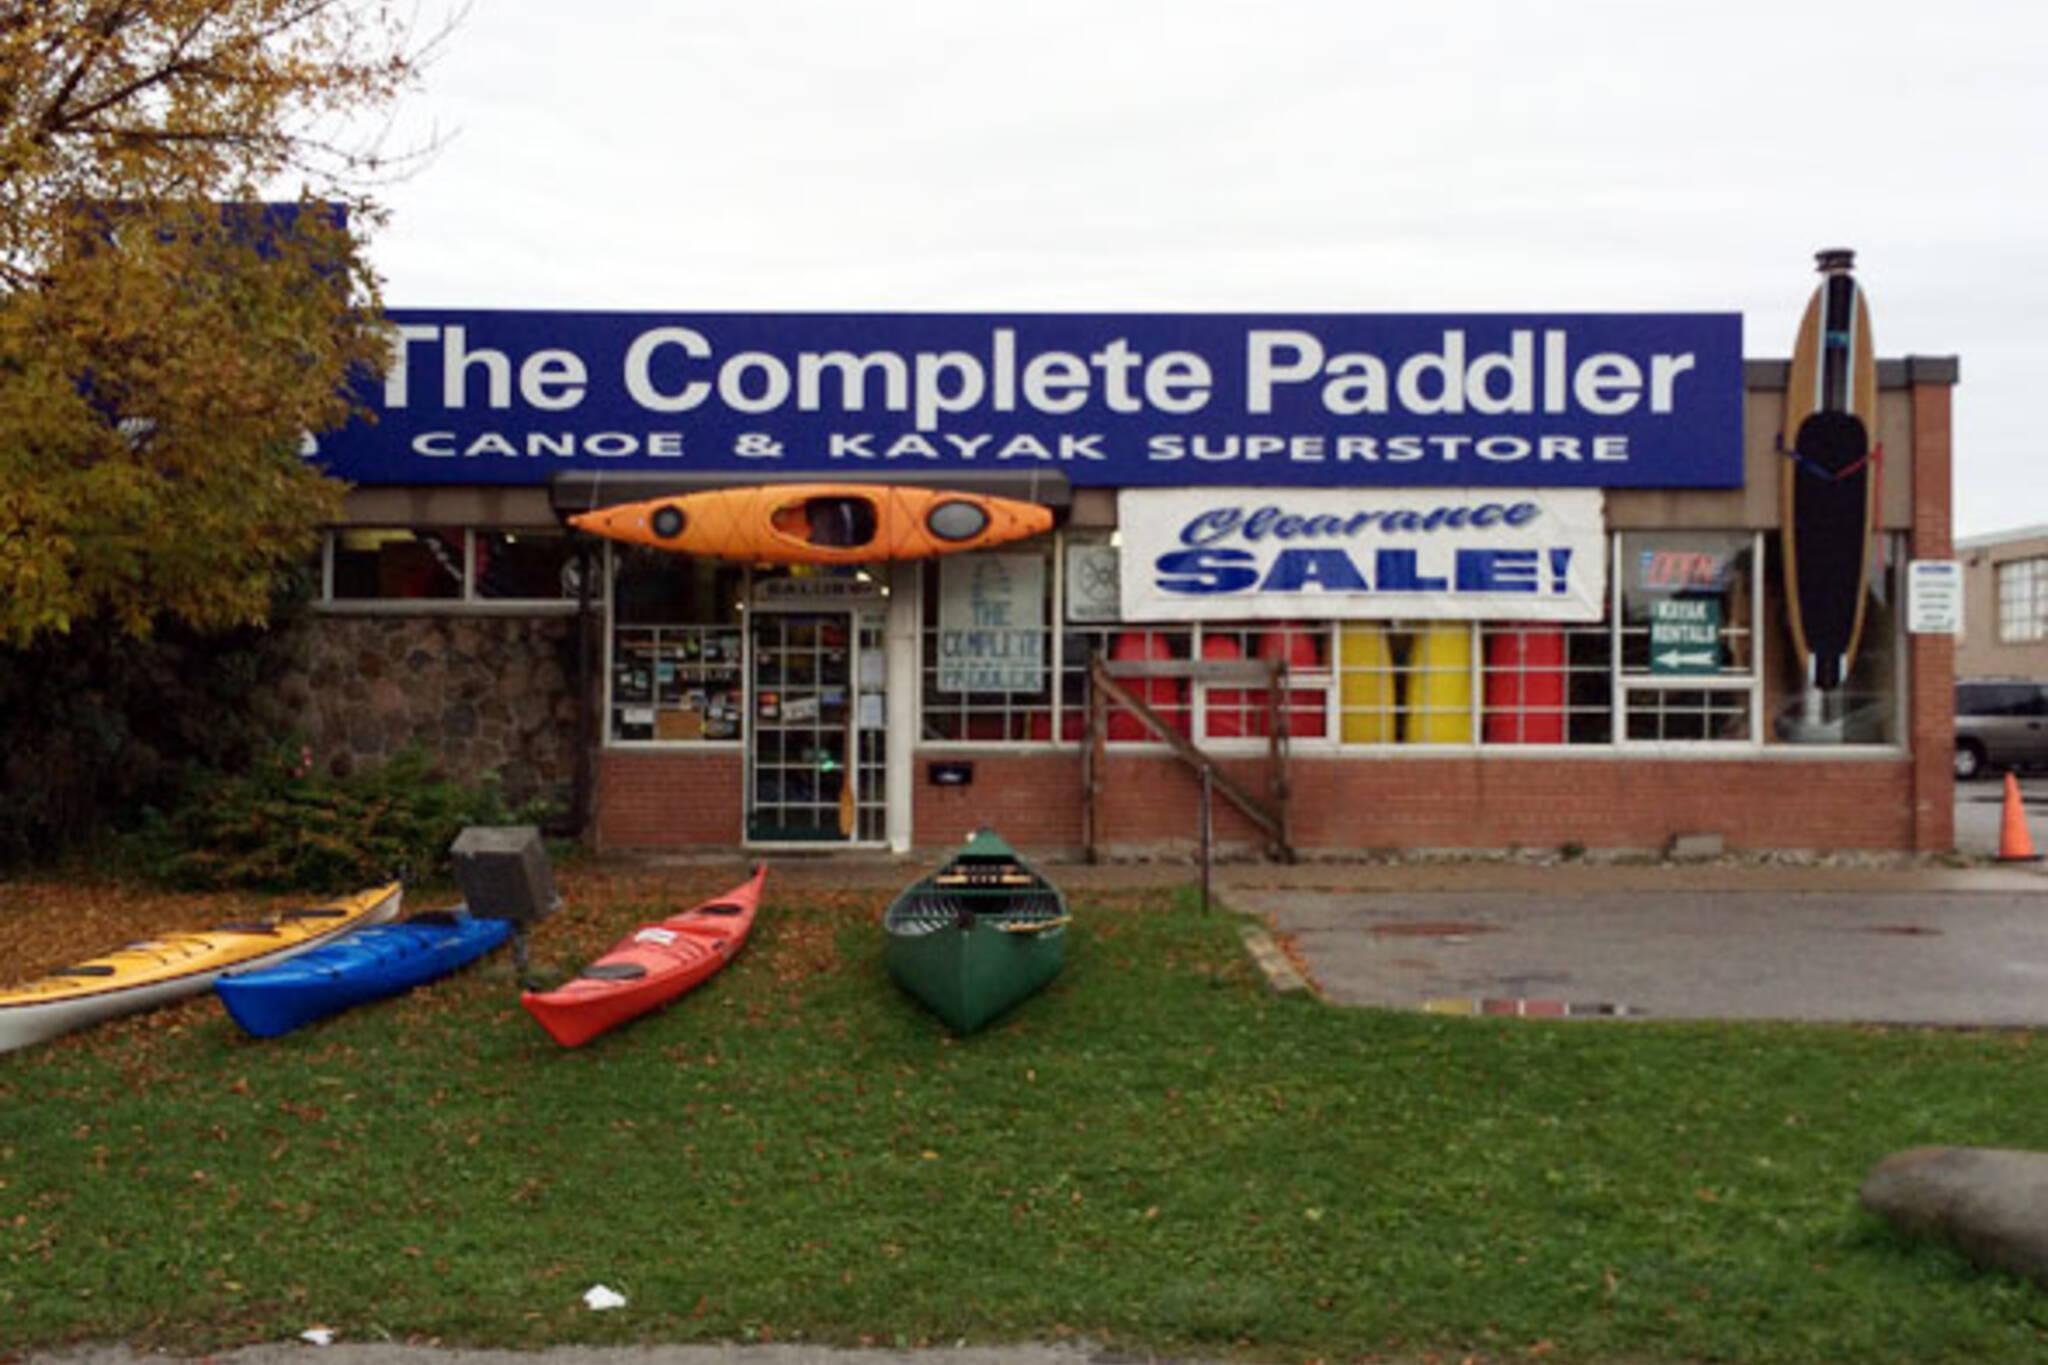 Complete Paddler